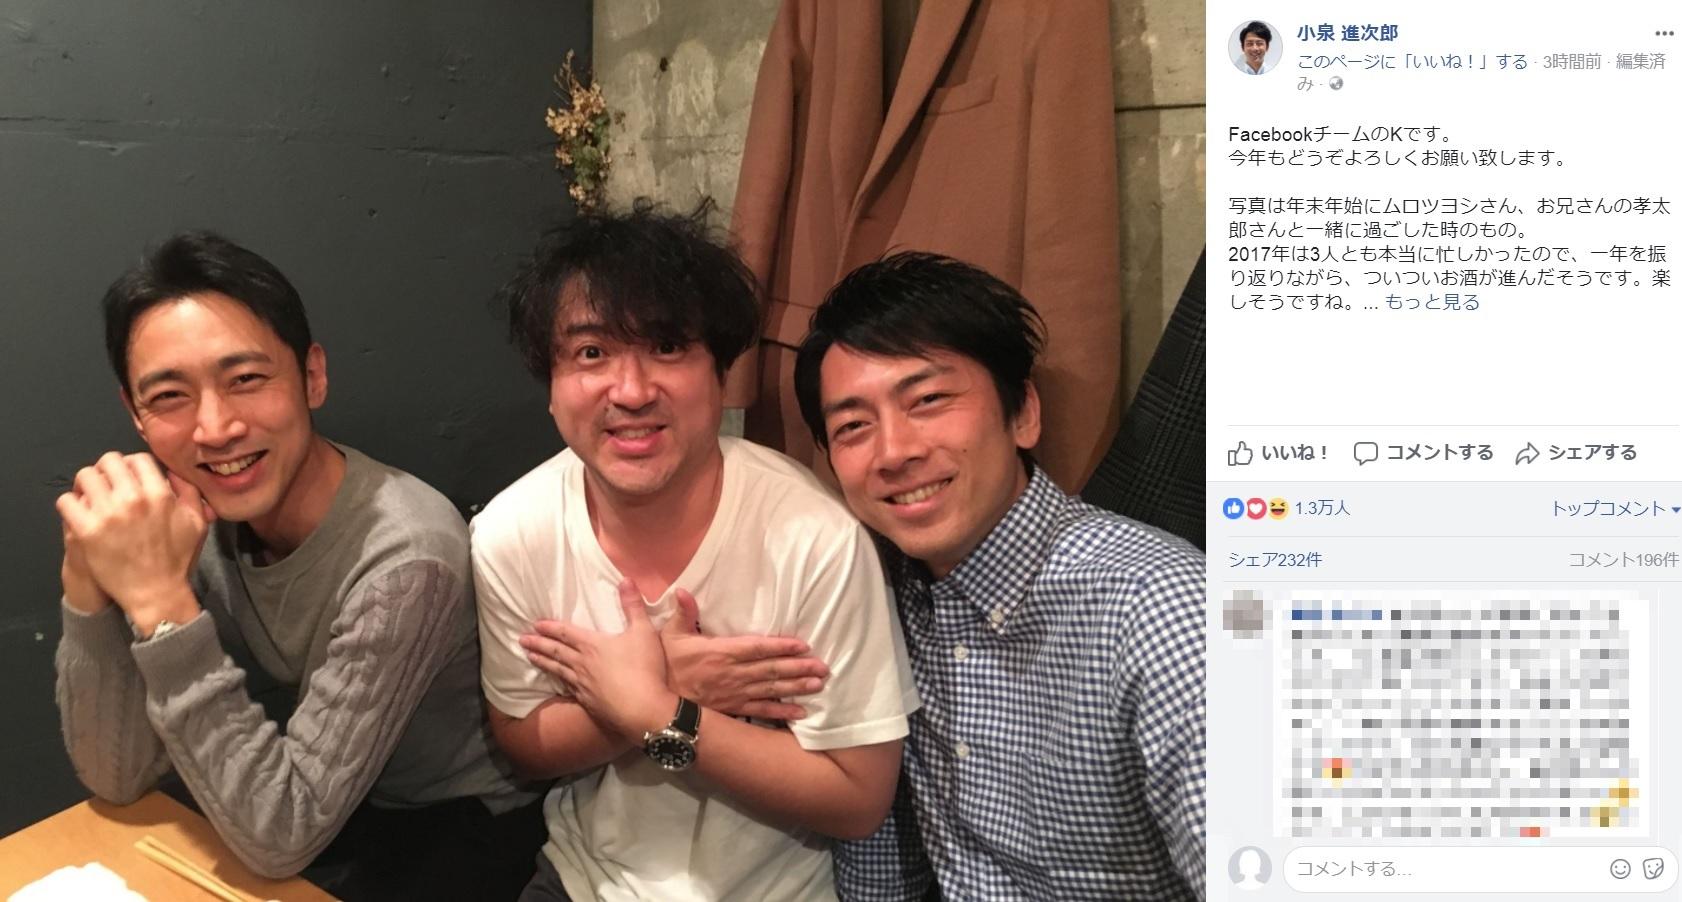 小泉孝太郎、ムロツヨシ、小泉進次郎(画像は『小泉進次郎 2018年1月12日付Facebook「FacebookチームのKです。」』のスクリーンショット)